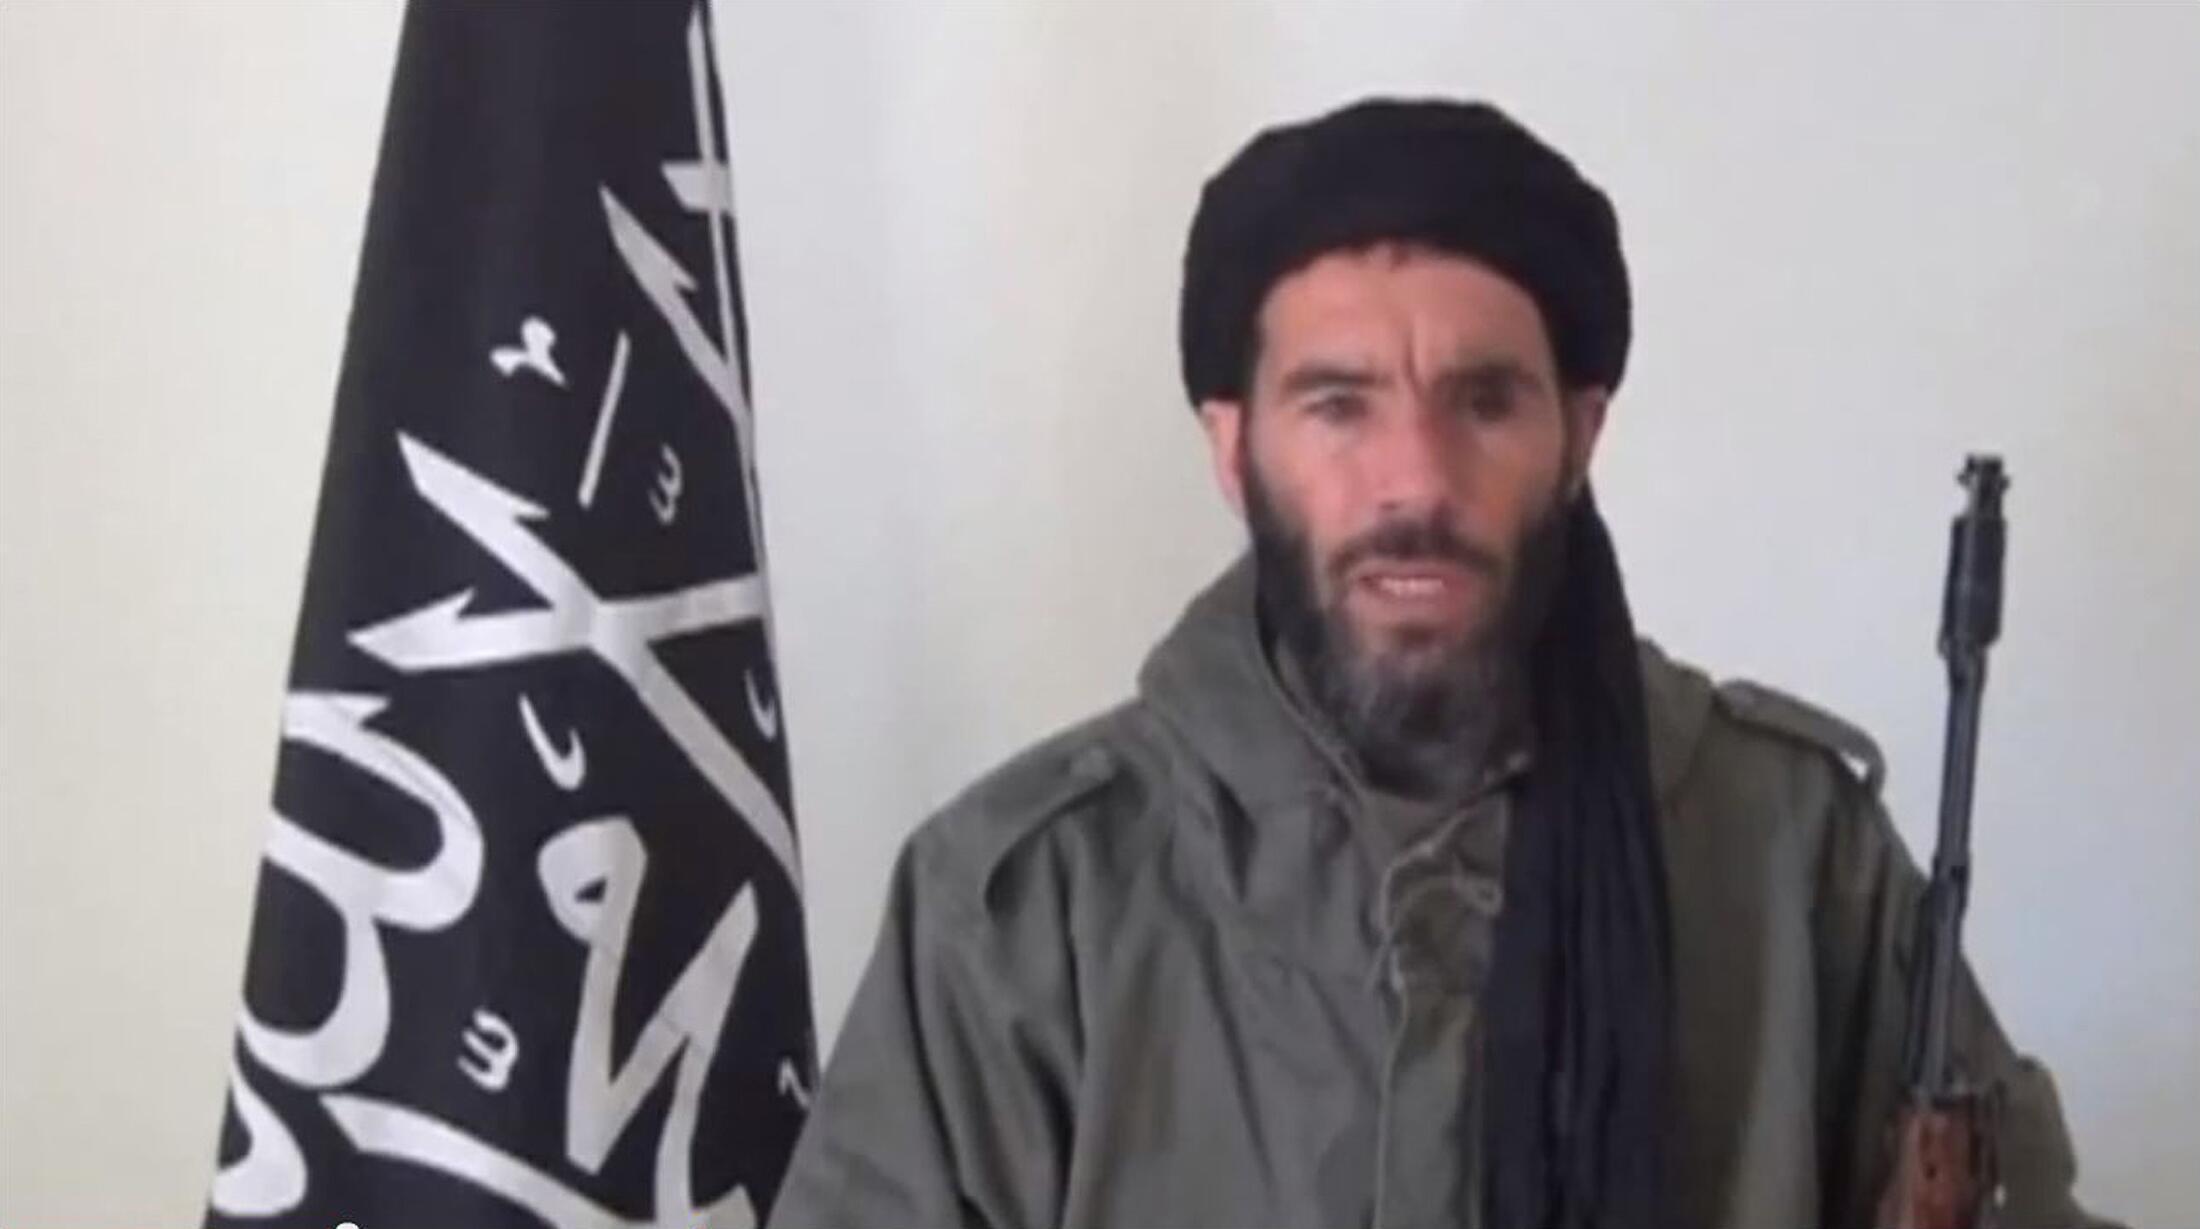 Mokhtar Belmokhtar, dans une vidéo non datée et diffusée, après le 16 janvier 2013.